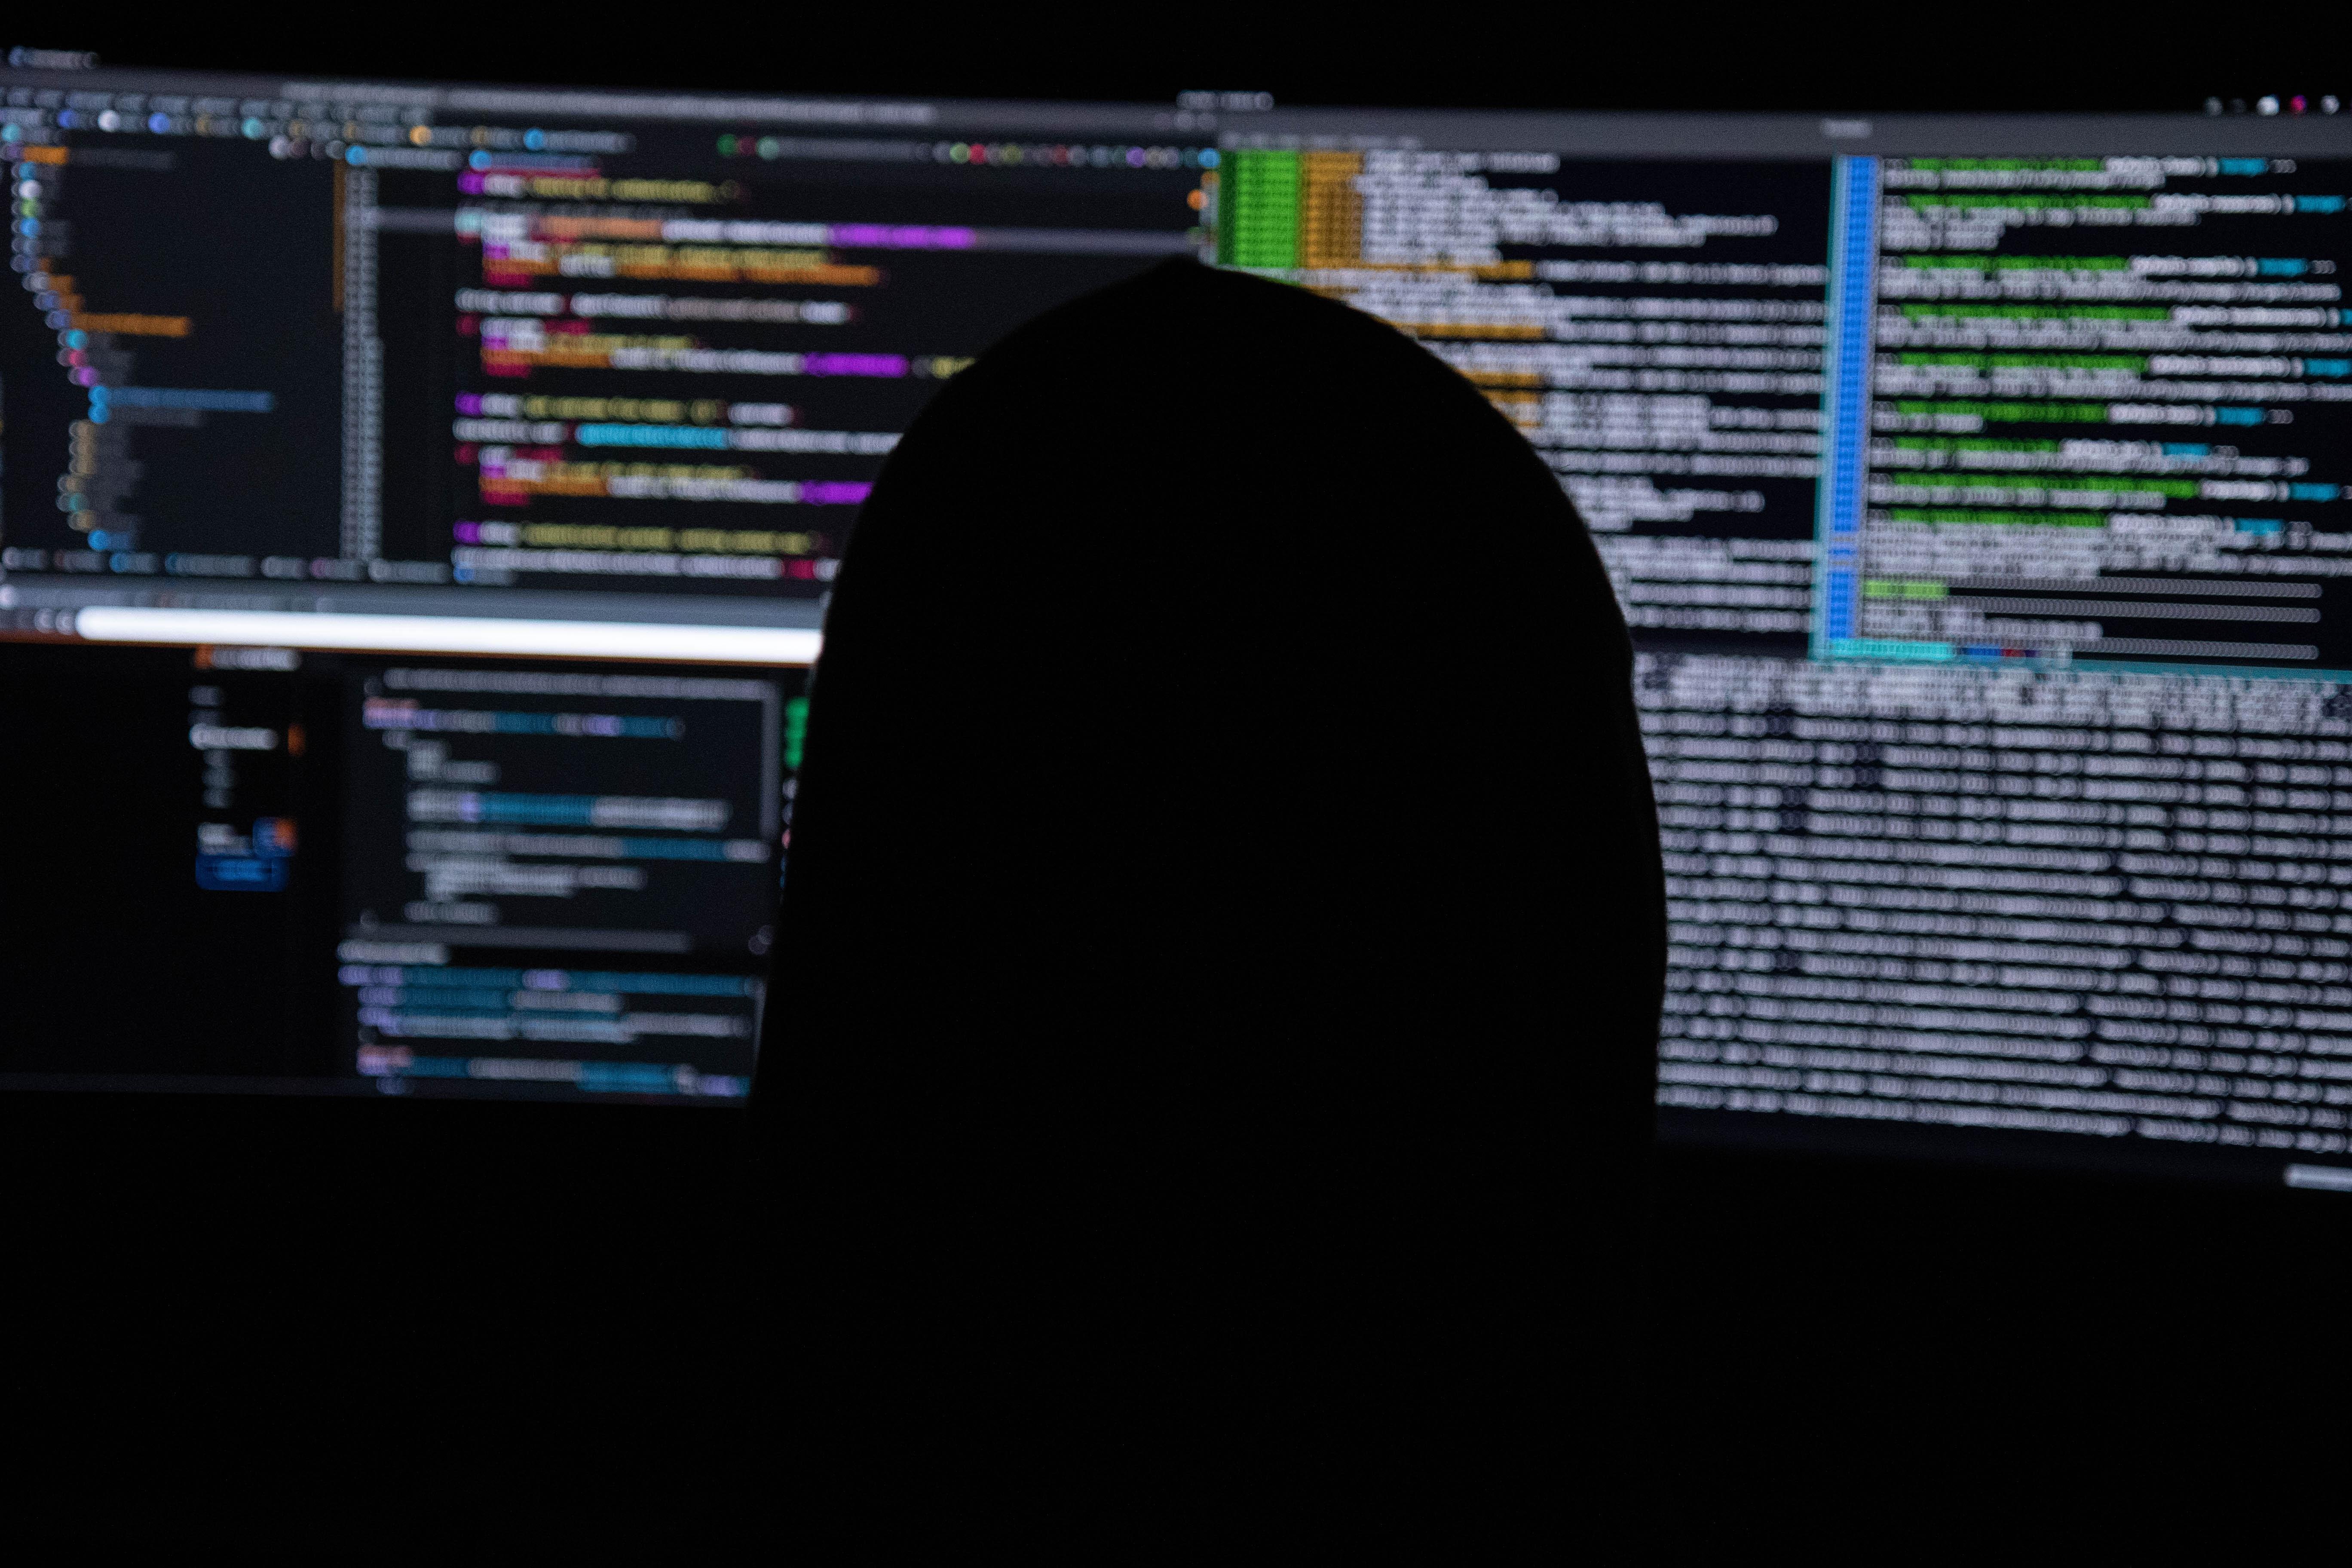 Gnu makefile command line arguments